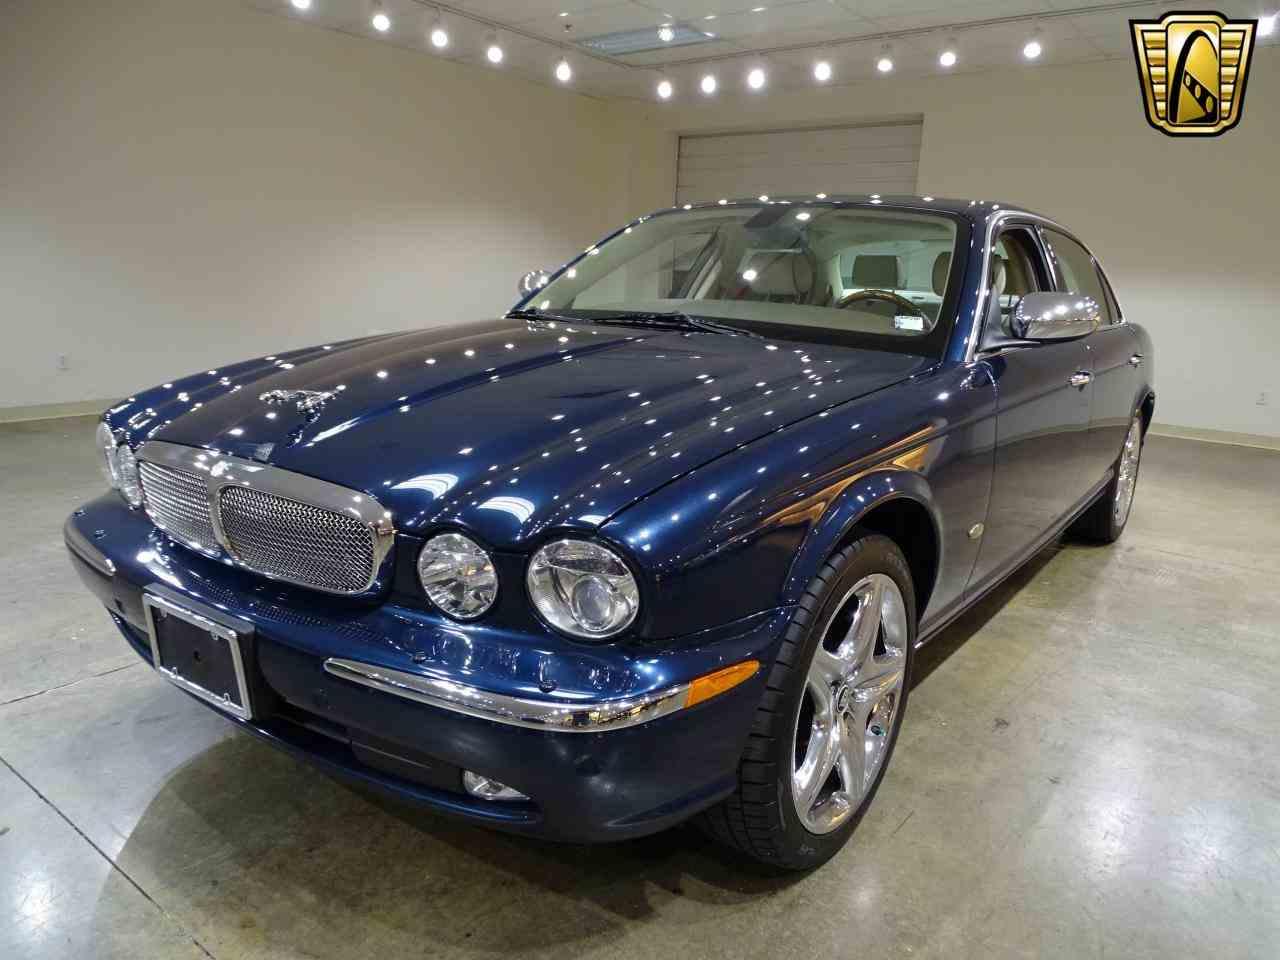 vanden pinterest things toys plas jaguar rich cars pin